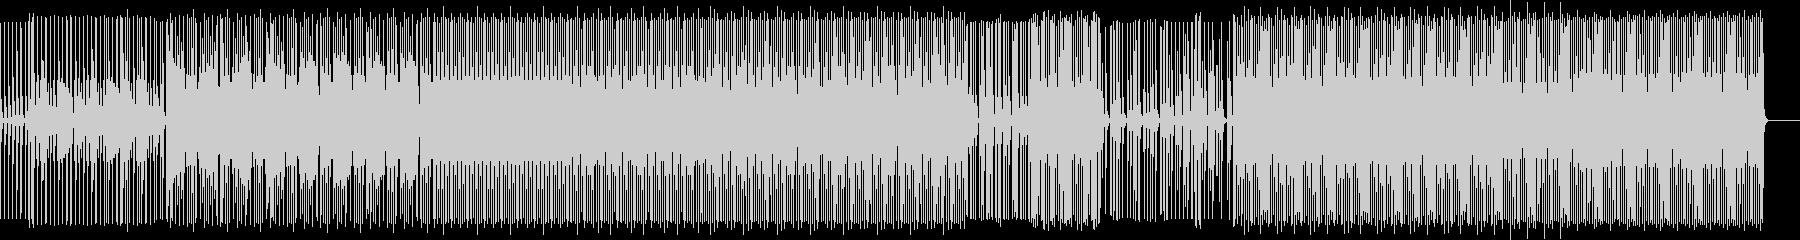 プロモーション動画向けシンプルエレクトロの未再生の波形